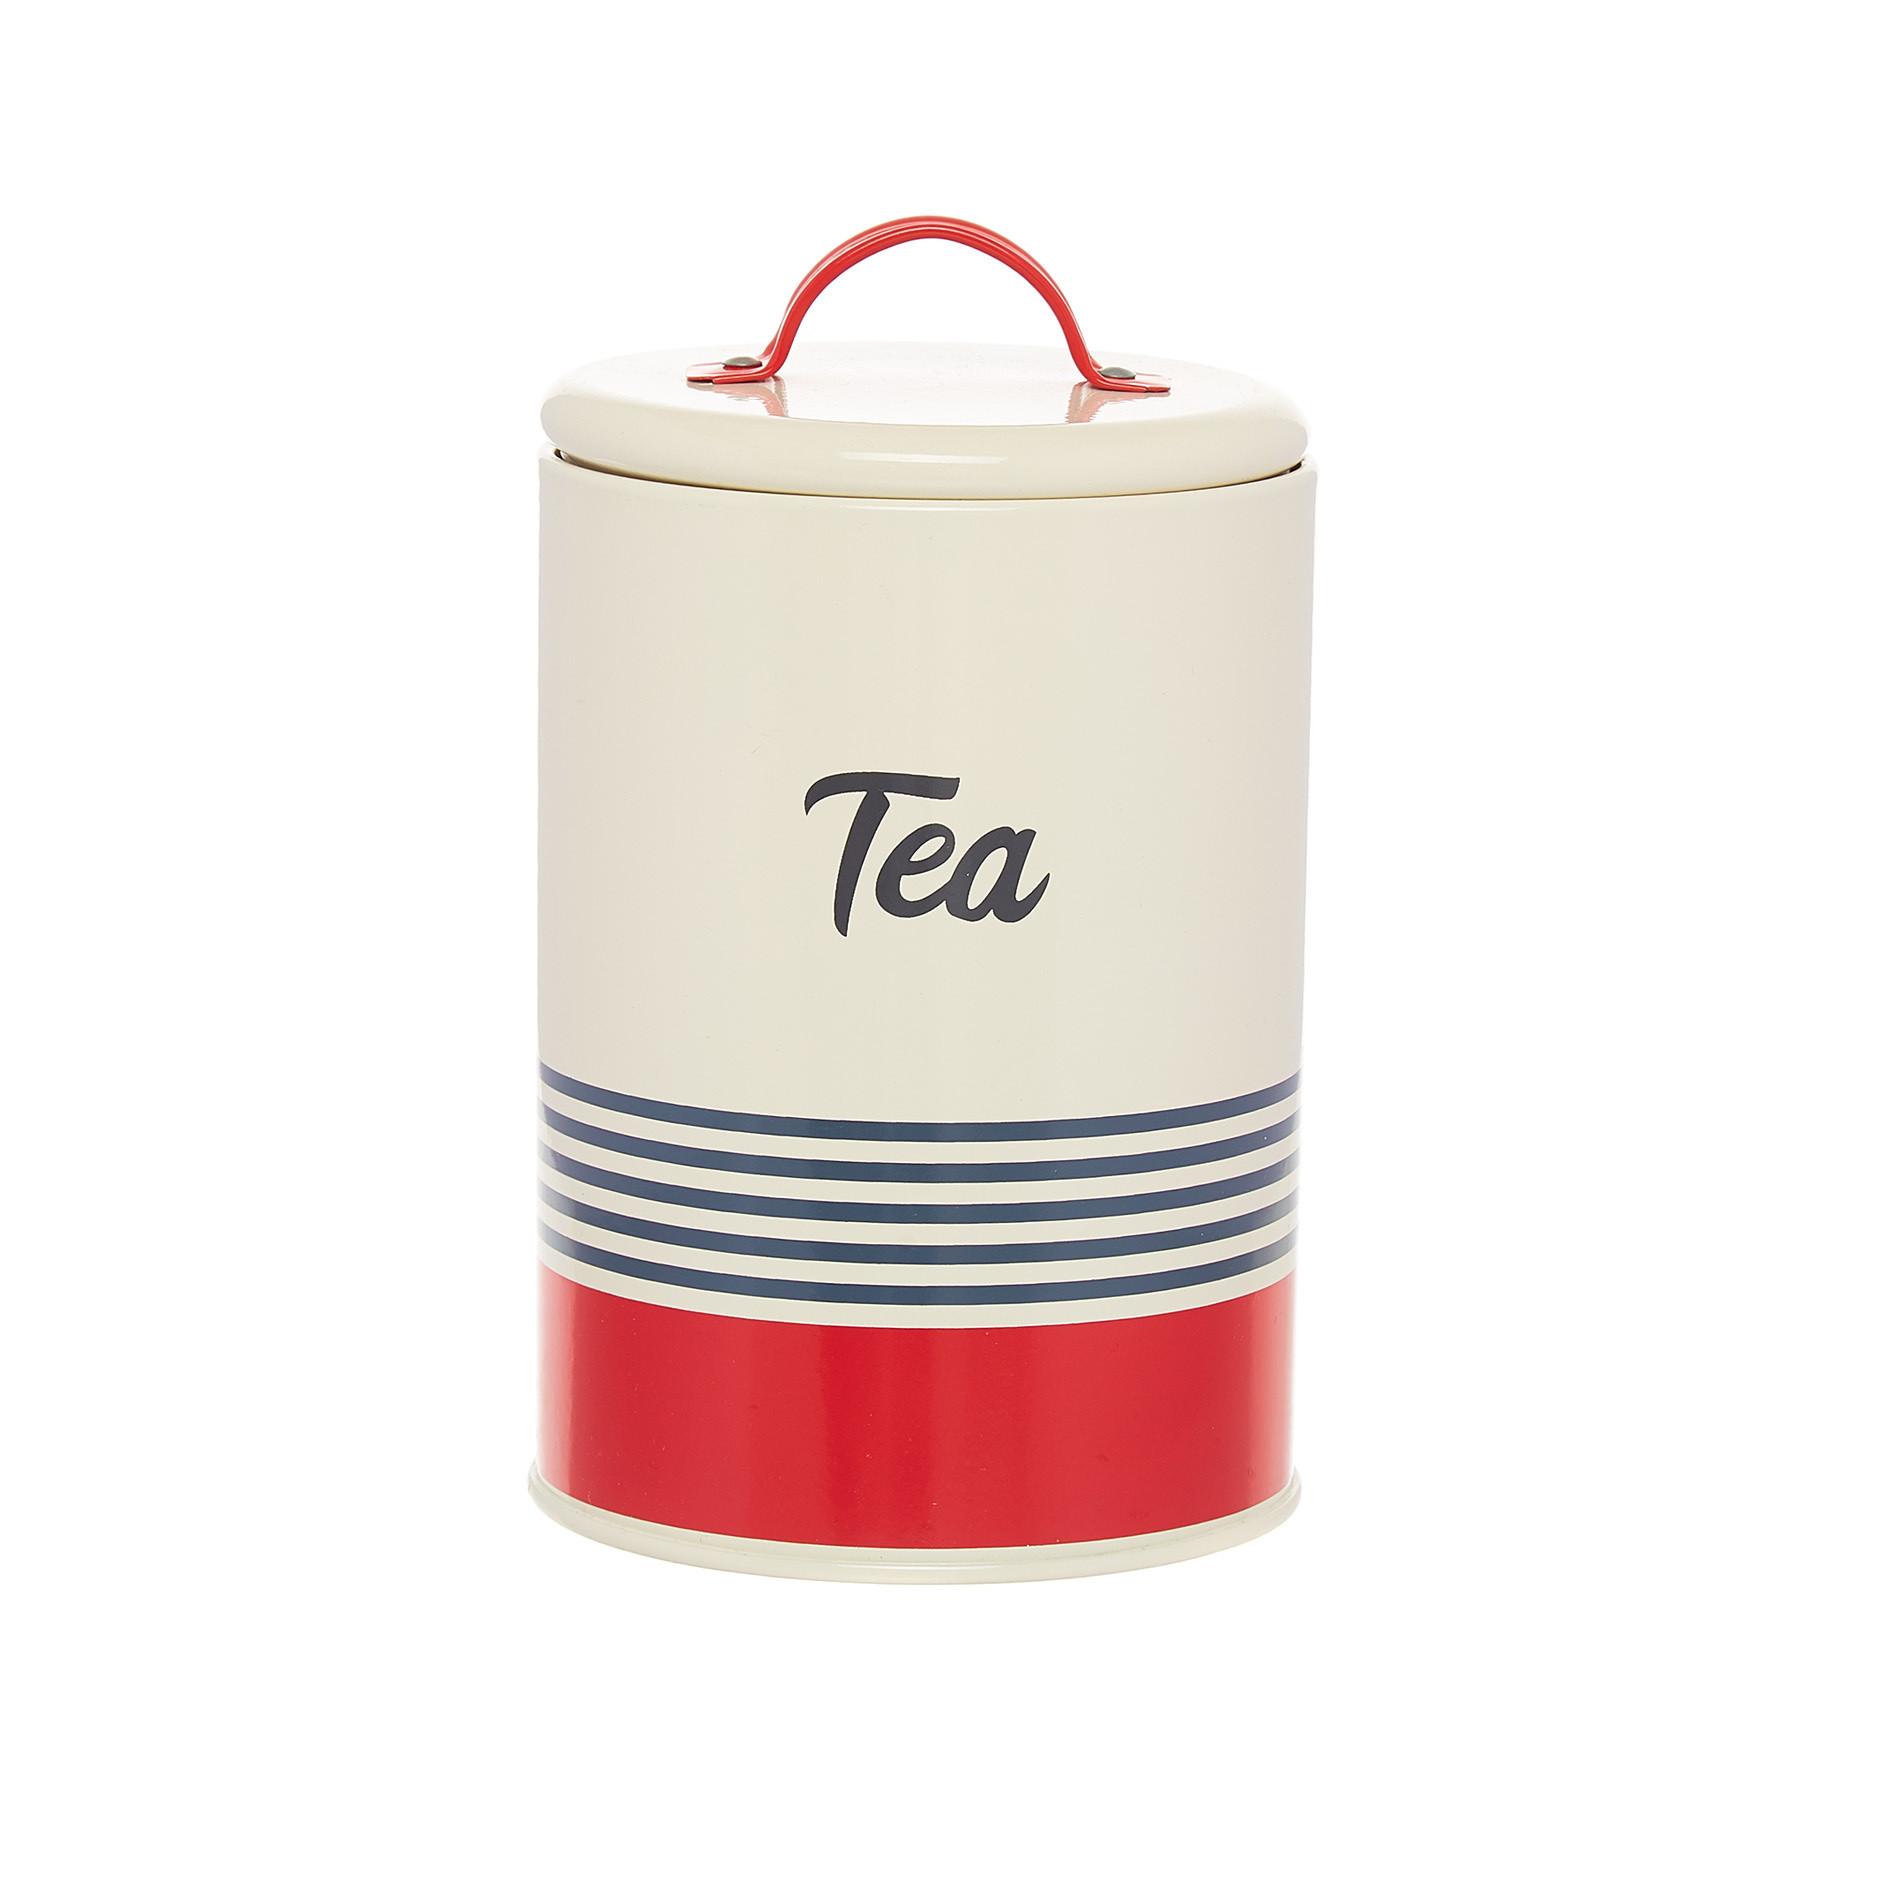 Barattolo ferro smaltato Tea, Bianco/Rosso, large image number 0